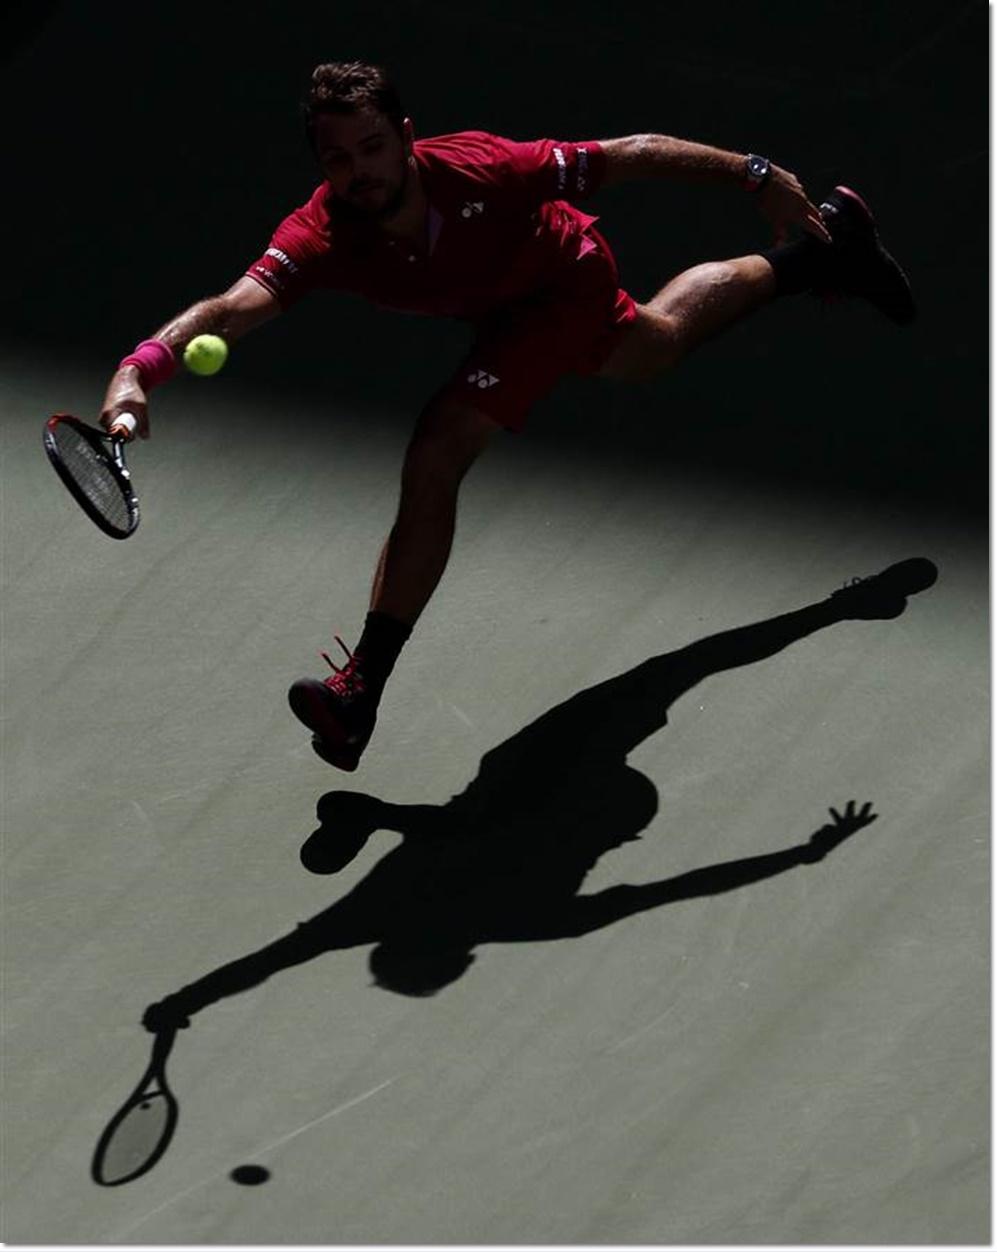 นักเทนนิส สแตน วาพรินกา (Stan Wawrinka) จากสวิตซอร์แลนด์กำลังอยู่ในท่วงท่าหวดลูกโต้กลับไปยังคู่แข่งจากสเปน เฟอร์นานโด เวอร์ดซัสโก ในการแข่งขันวันที่ 2 ของรายการยูเอสโอเปนแชมเปียนชิพส์ในวันอังคาร(30 ส.ค) ซึ่งจัดขึ้นในนิวยอร์ก สหรัฐฯ ภาพจากเอเจนซีส์